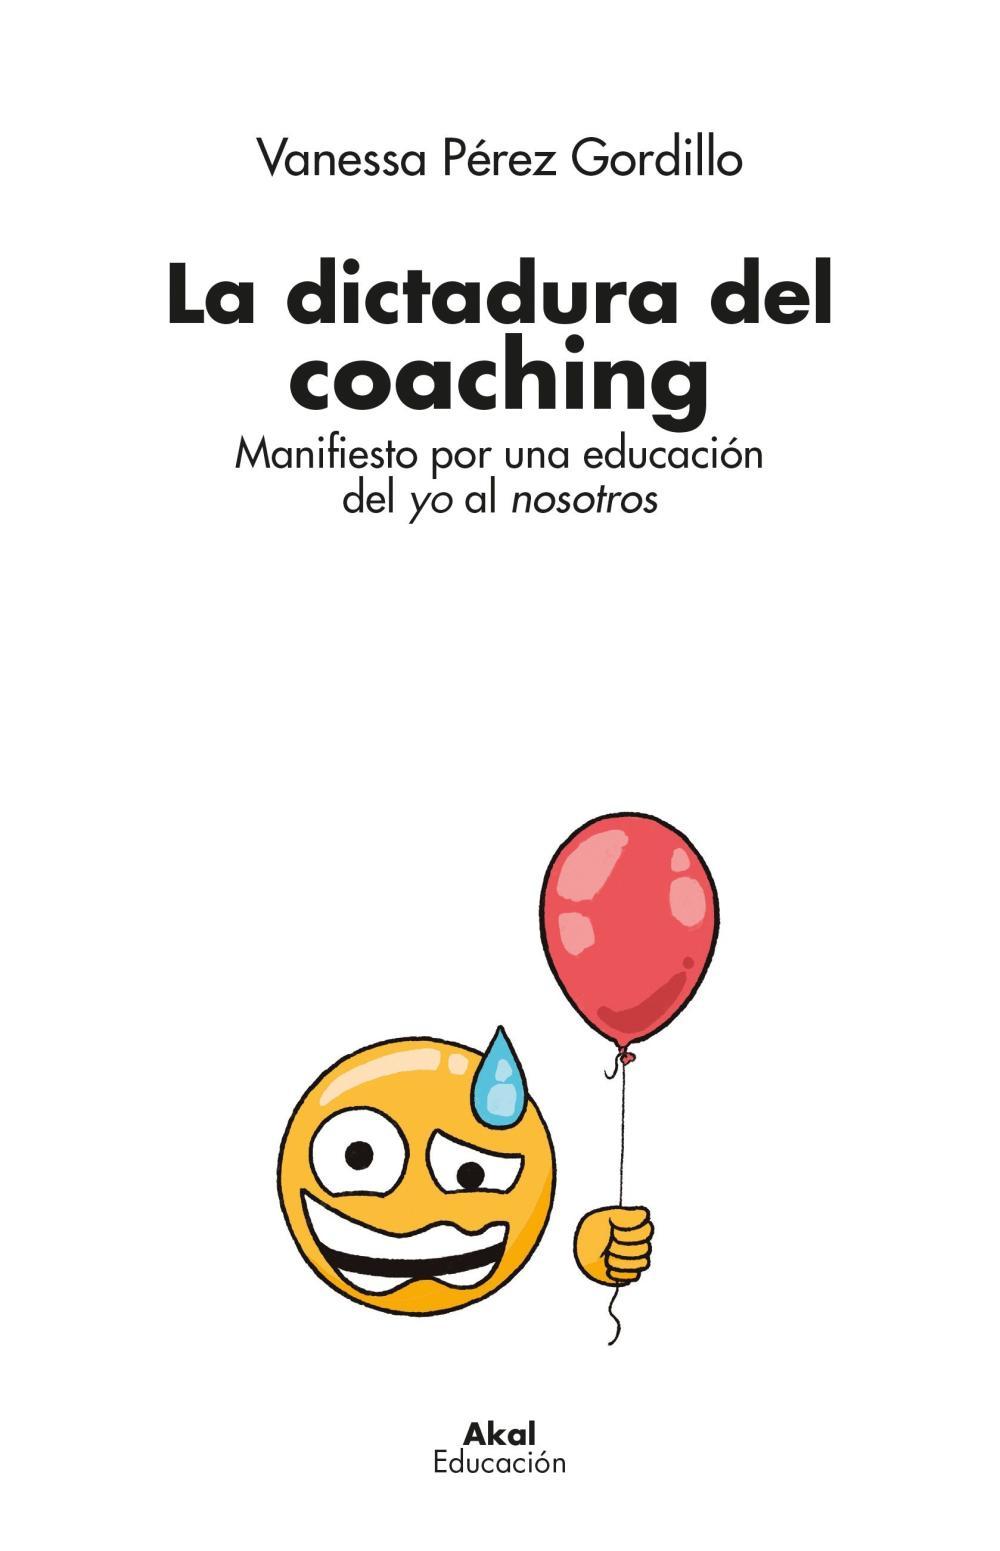 La dictadura del coaching